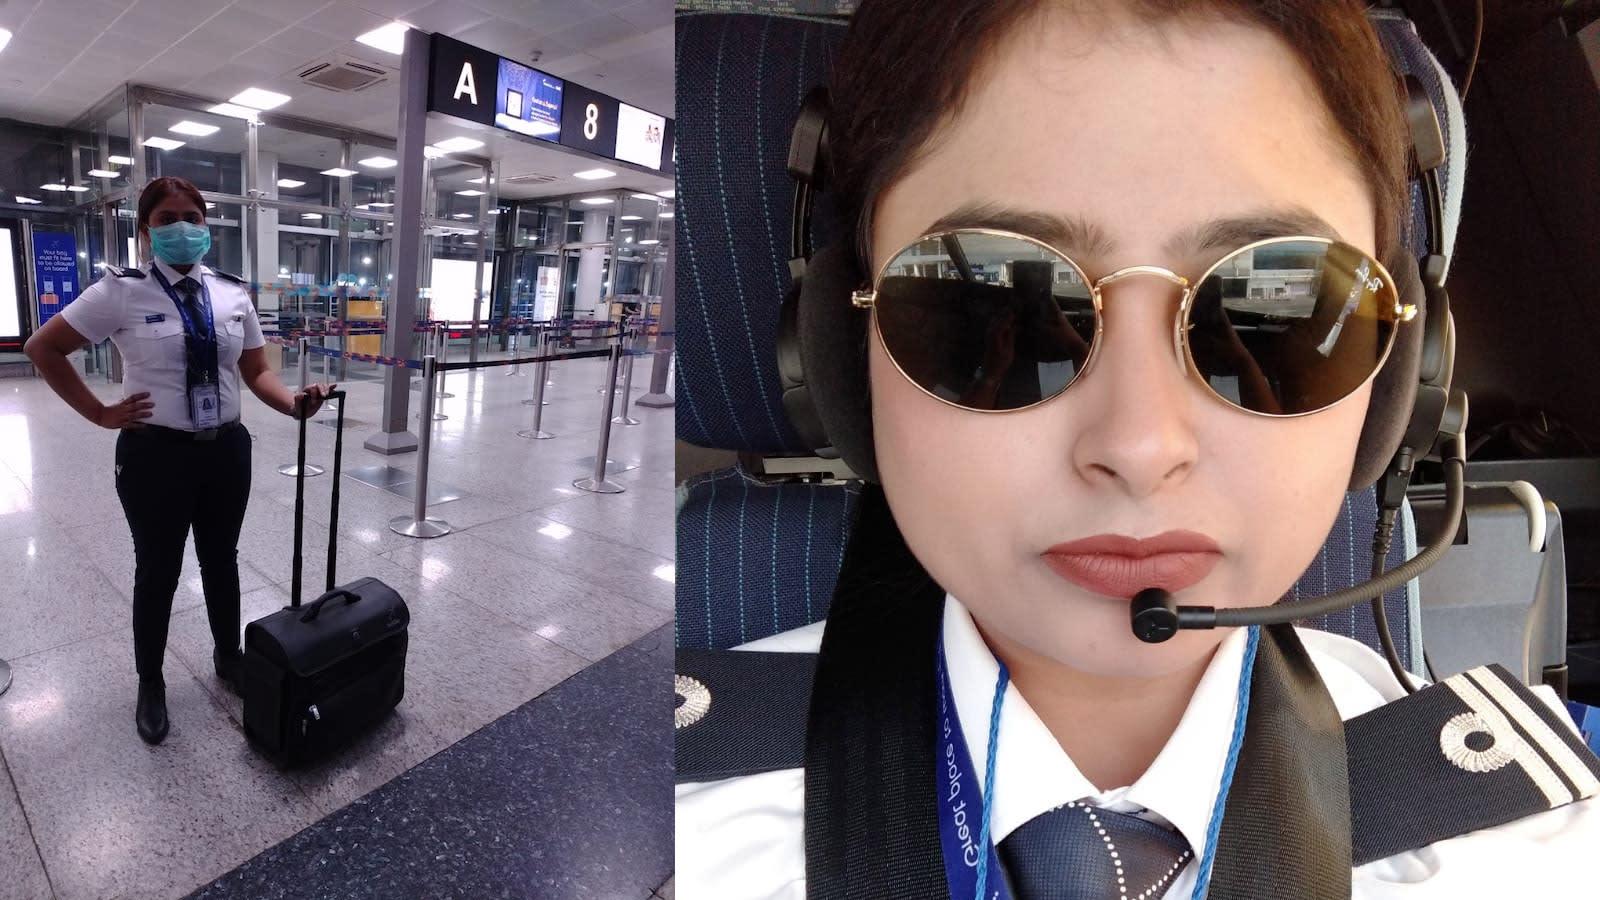 السفر رغم انتشار فيروس كورونا المستجد.. كيف يتأقلم العاملون بقطاع السياحة؟